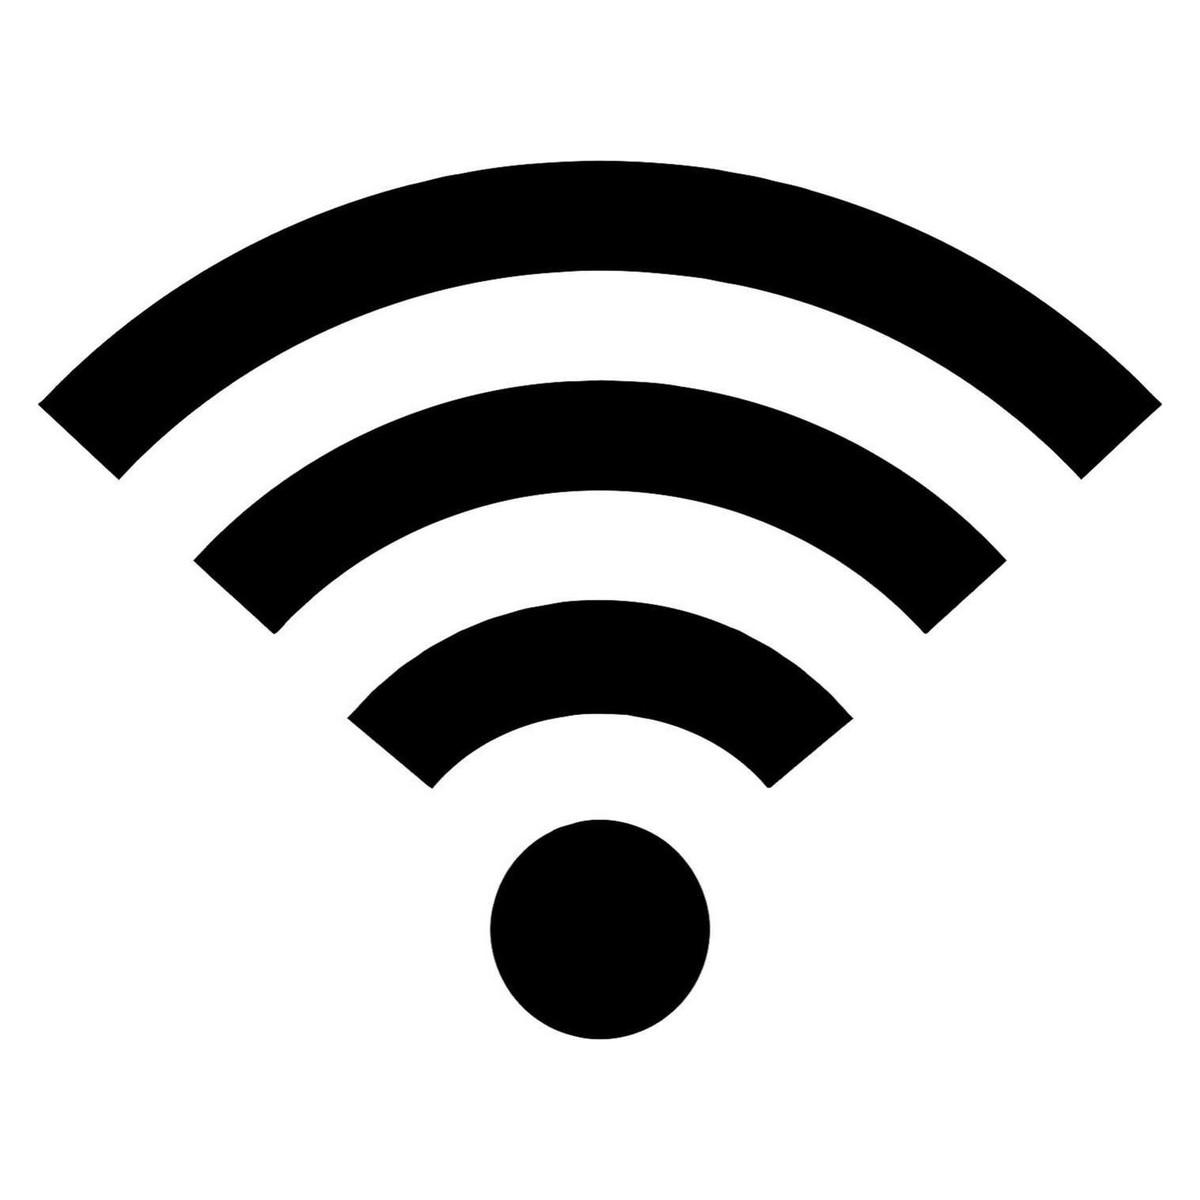 20 anos do Wi-Fi: relembre história da conexão no Brasil e no mundo